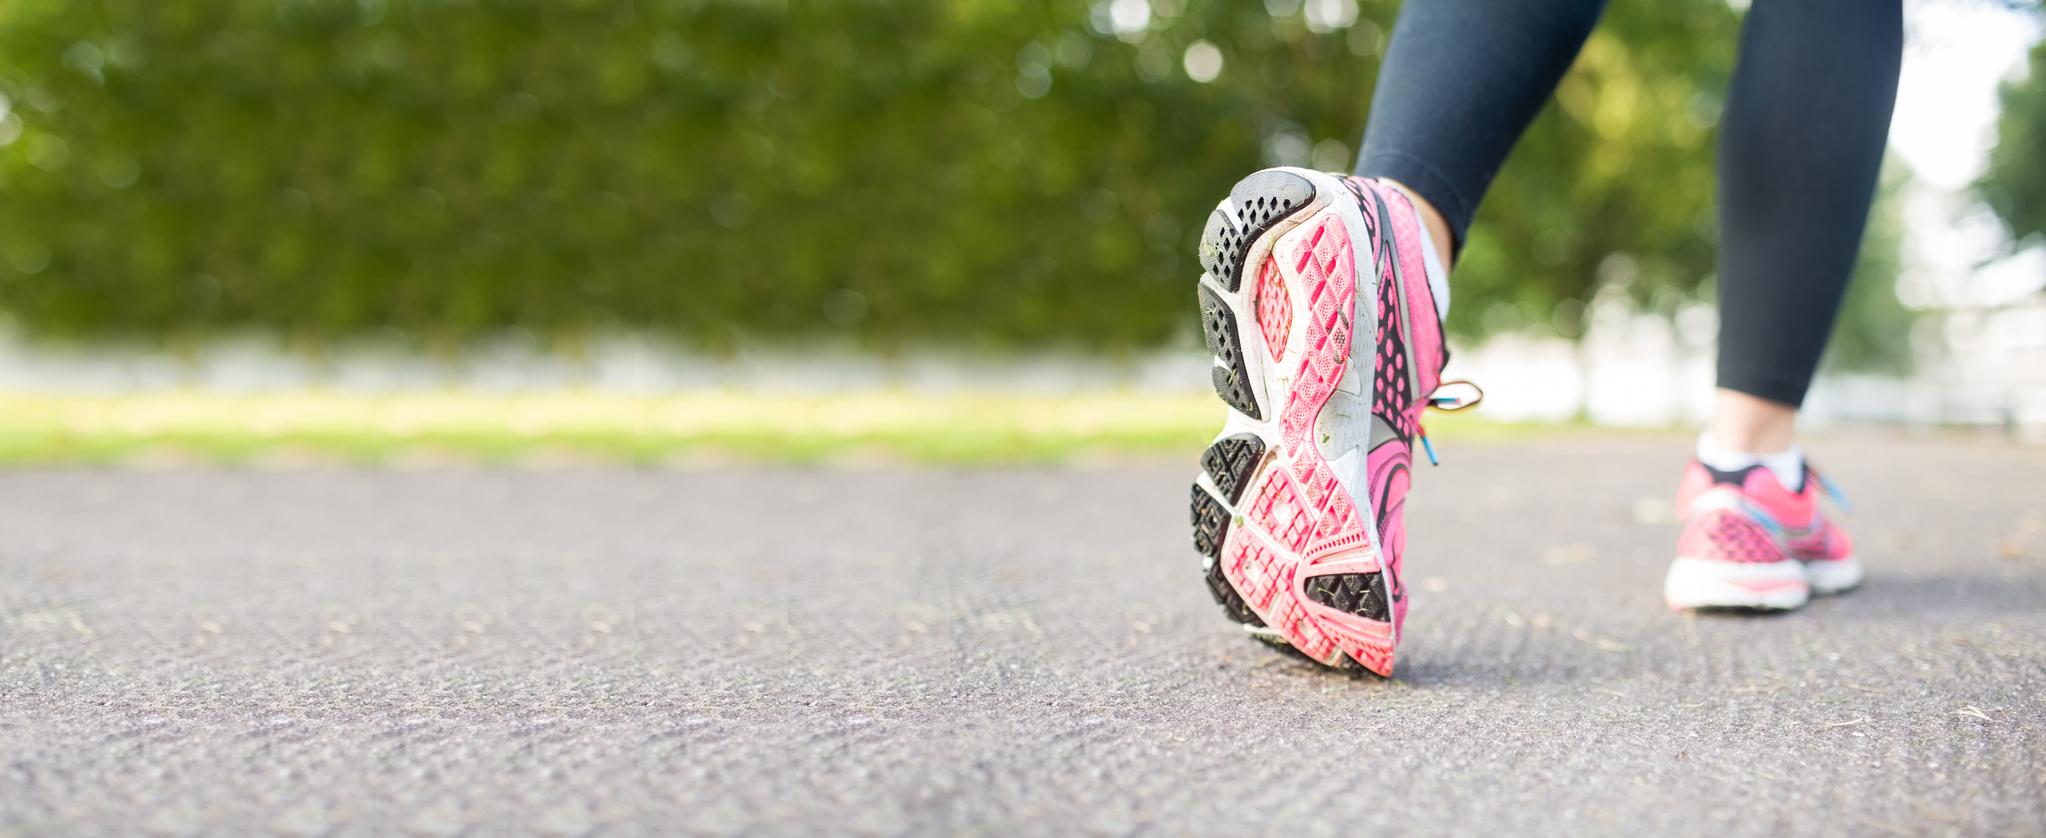 고혈압 환자는 적절히 유산소 운동을 하는 게 좋다. 하지만 겨울철에는 주의할 게 많다. [중앙포토]